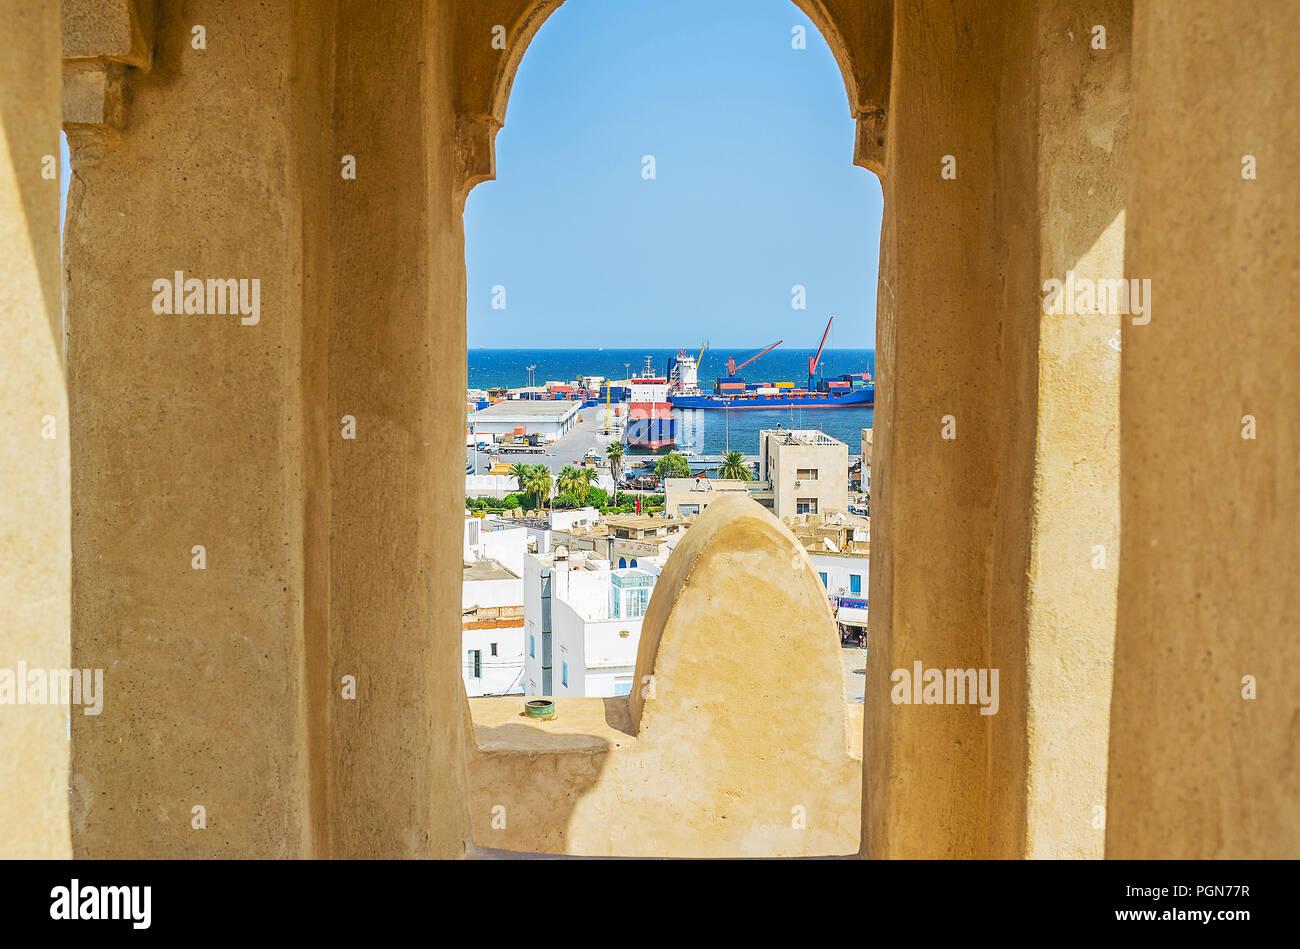 La petite fenêtre dans la tour de la forteresse Ribat donne sur le toits de Medina et port industriel, Sousse, Tunisie. Photo Stock